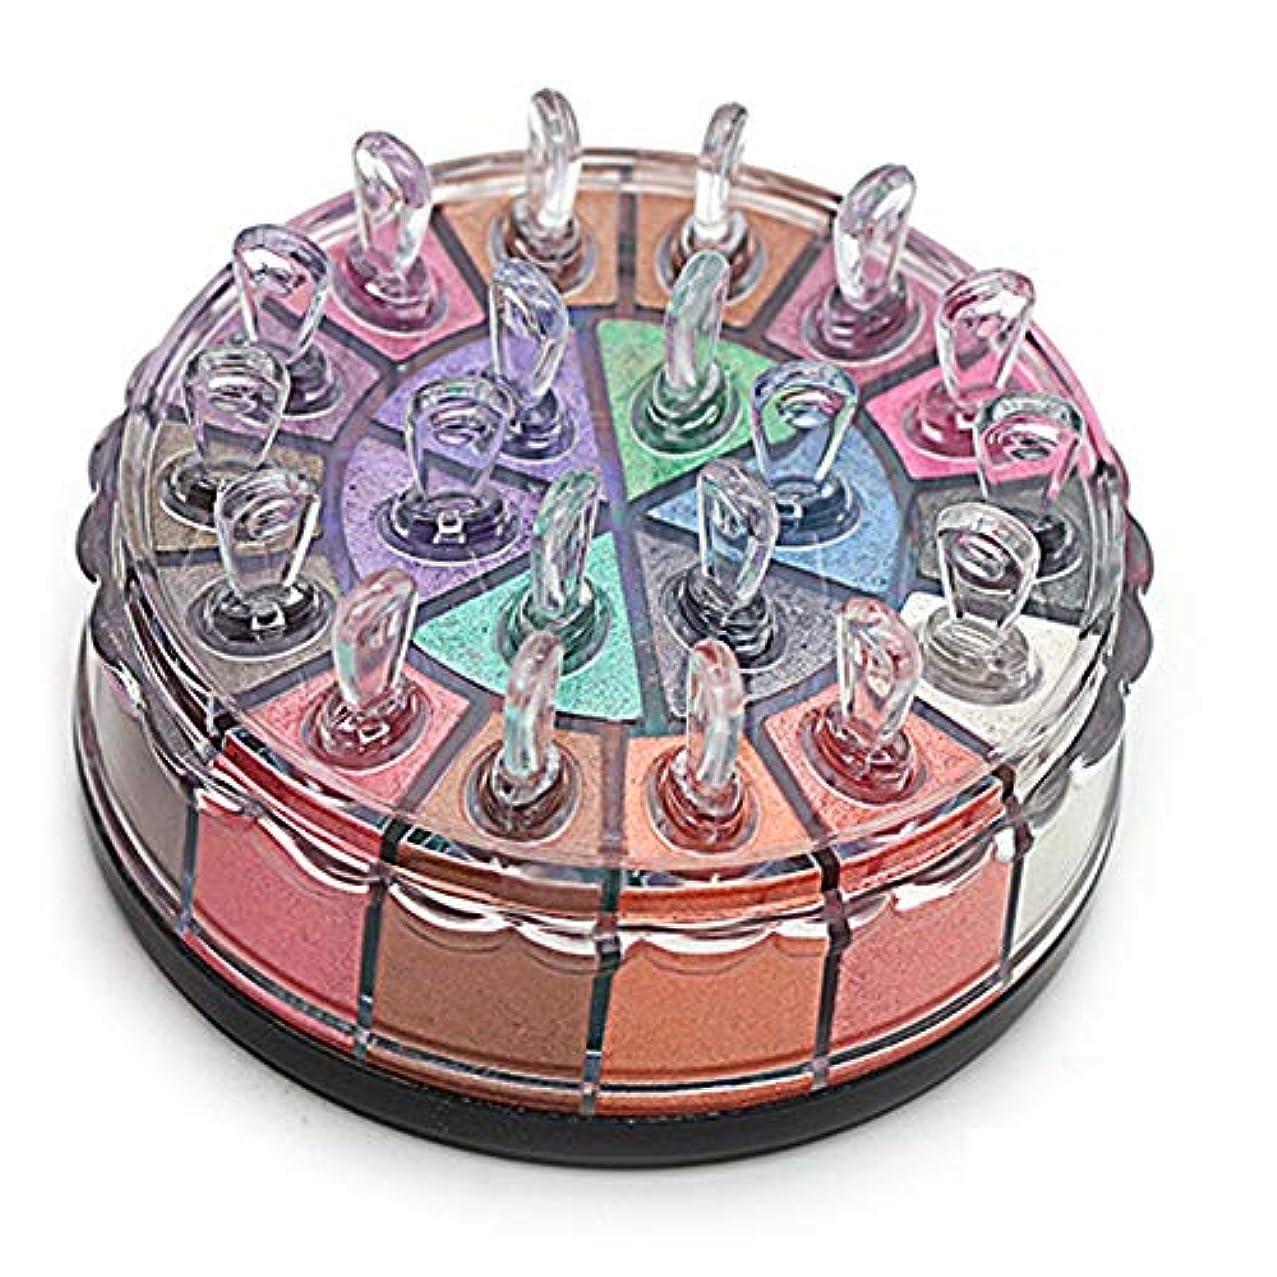 構築するクリケットビザAkane アイシャドウパレット INS 人気 ファッション 超便利 キラキラ 欧米風 綺麗 可愛い 高級 つや消し マット Eye Shadow (20色)